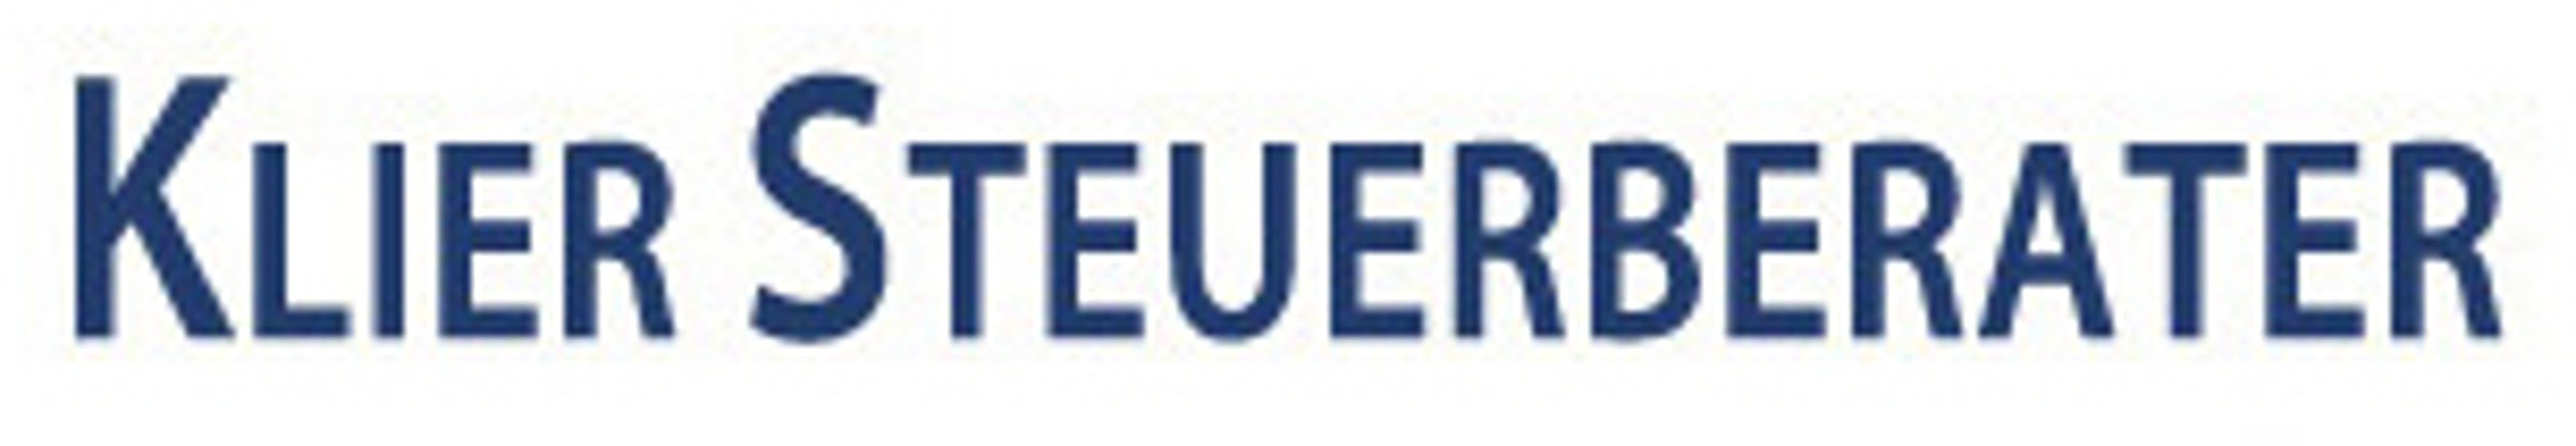 Bild zu Klier Steuerberater in Heidelberg